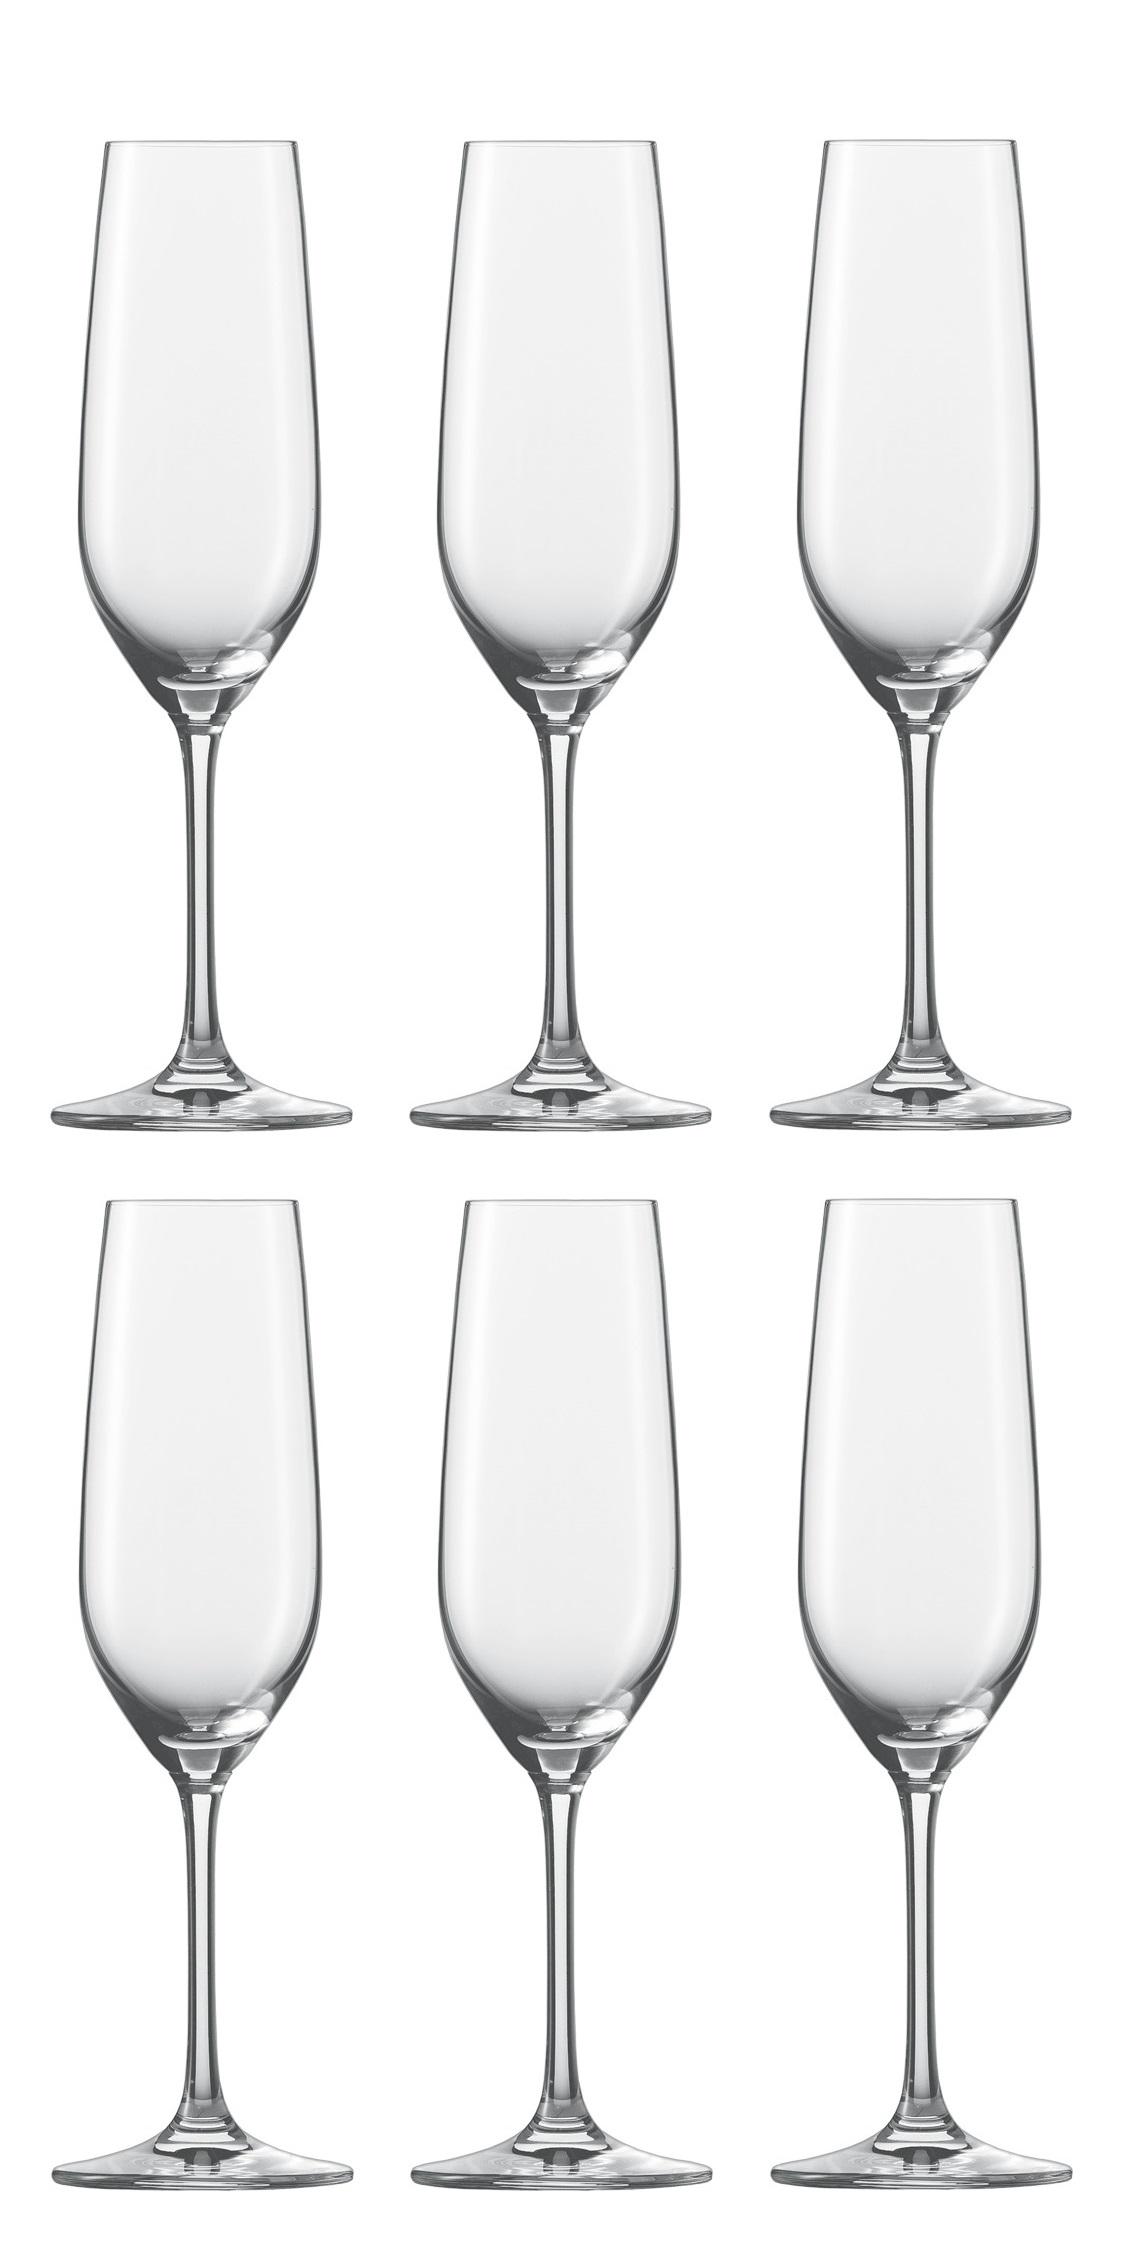 schott zwiesel champagneglazen vina kopen cookinglife. Black Bedroom Furniture Sets. Home Design Ideas